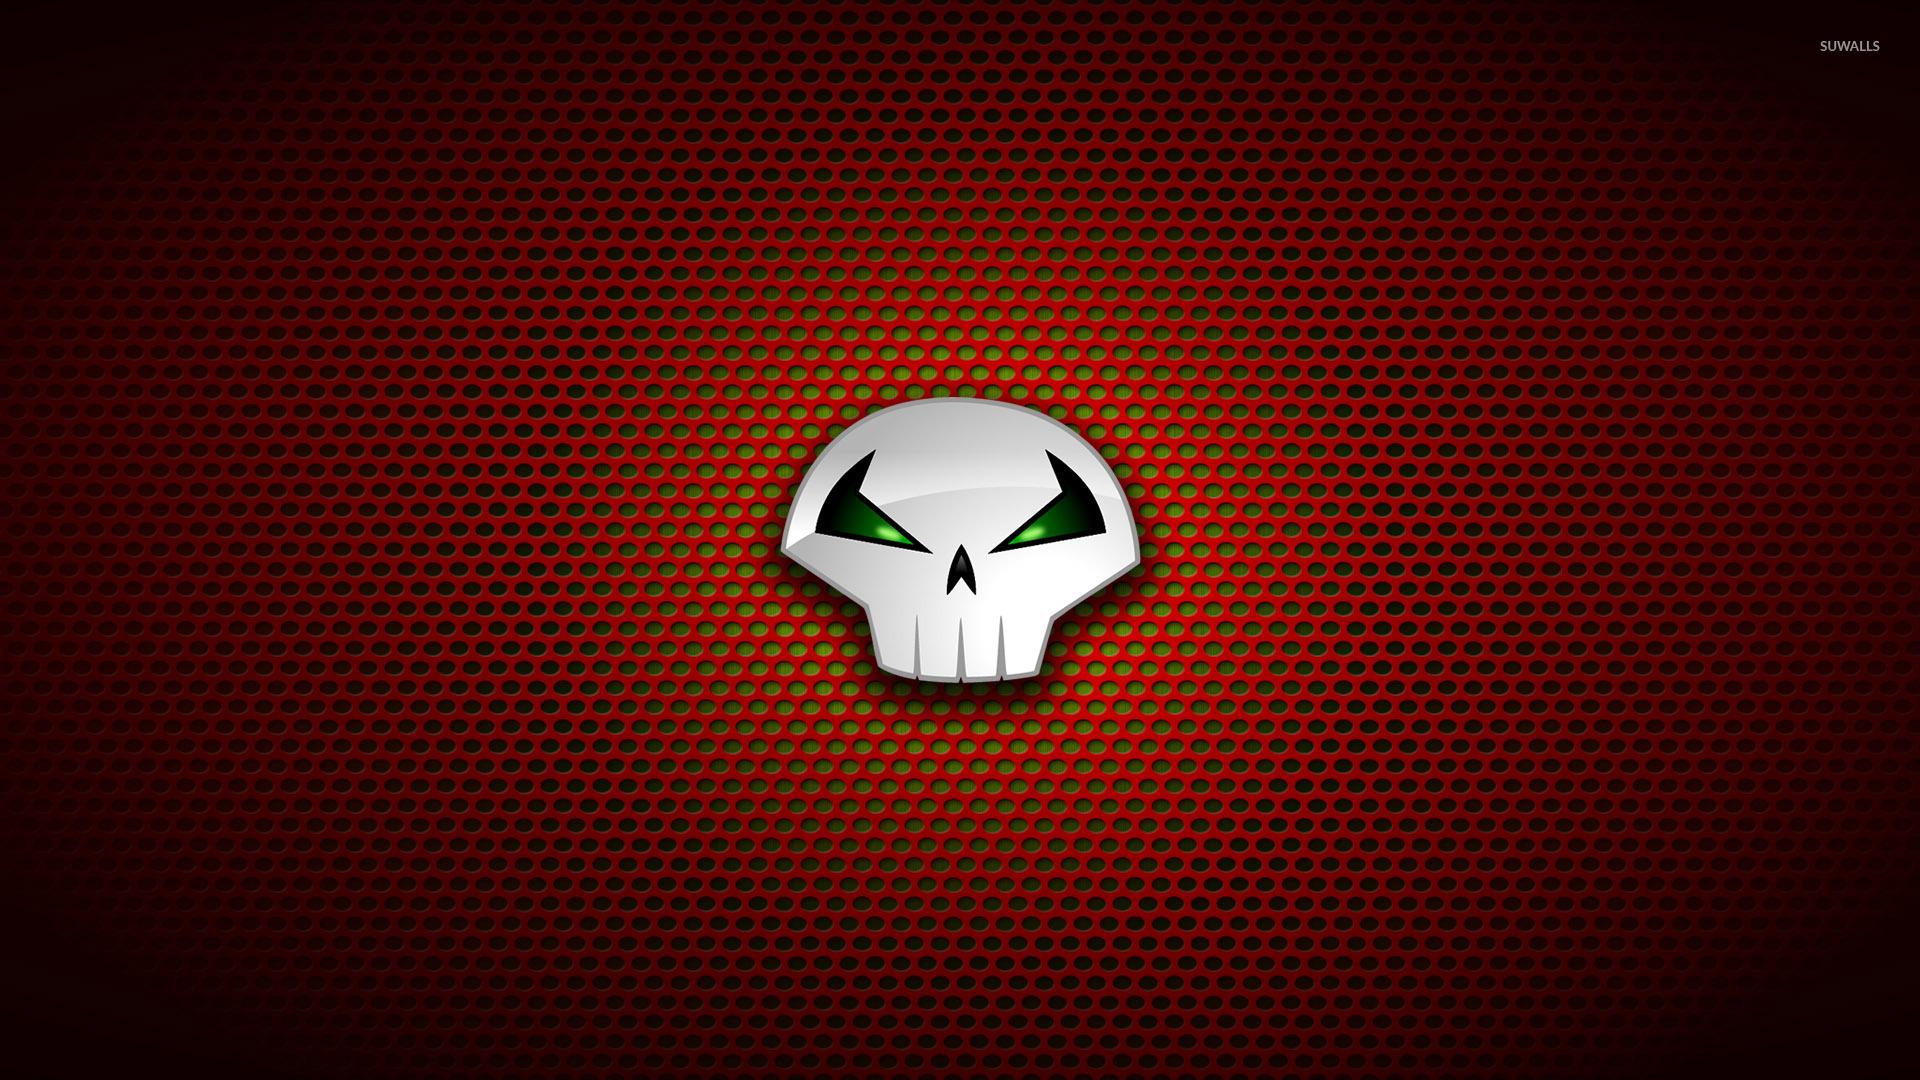 Joker Quotes Wallpaper Hd Punisher Logo On Circle Pattern Wallpaper Comic